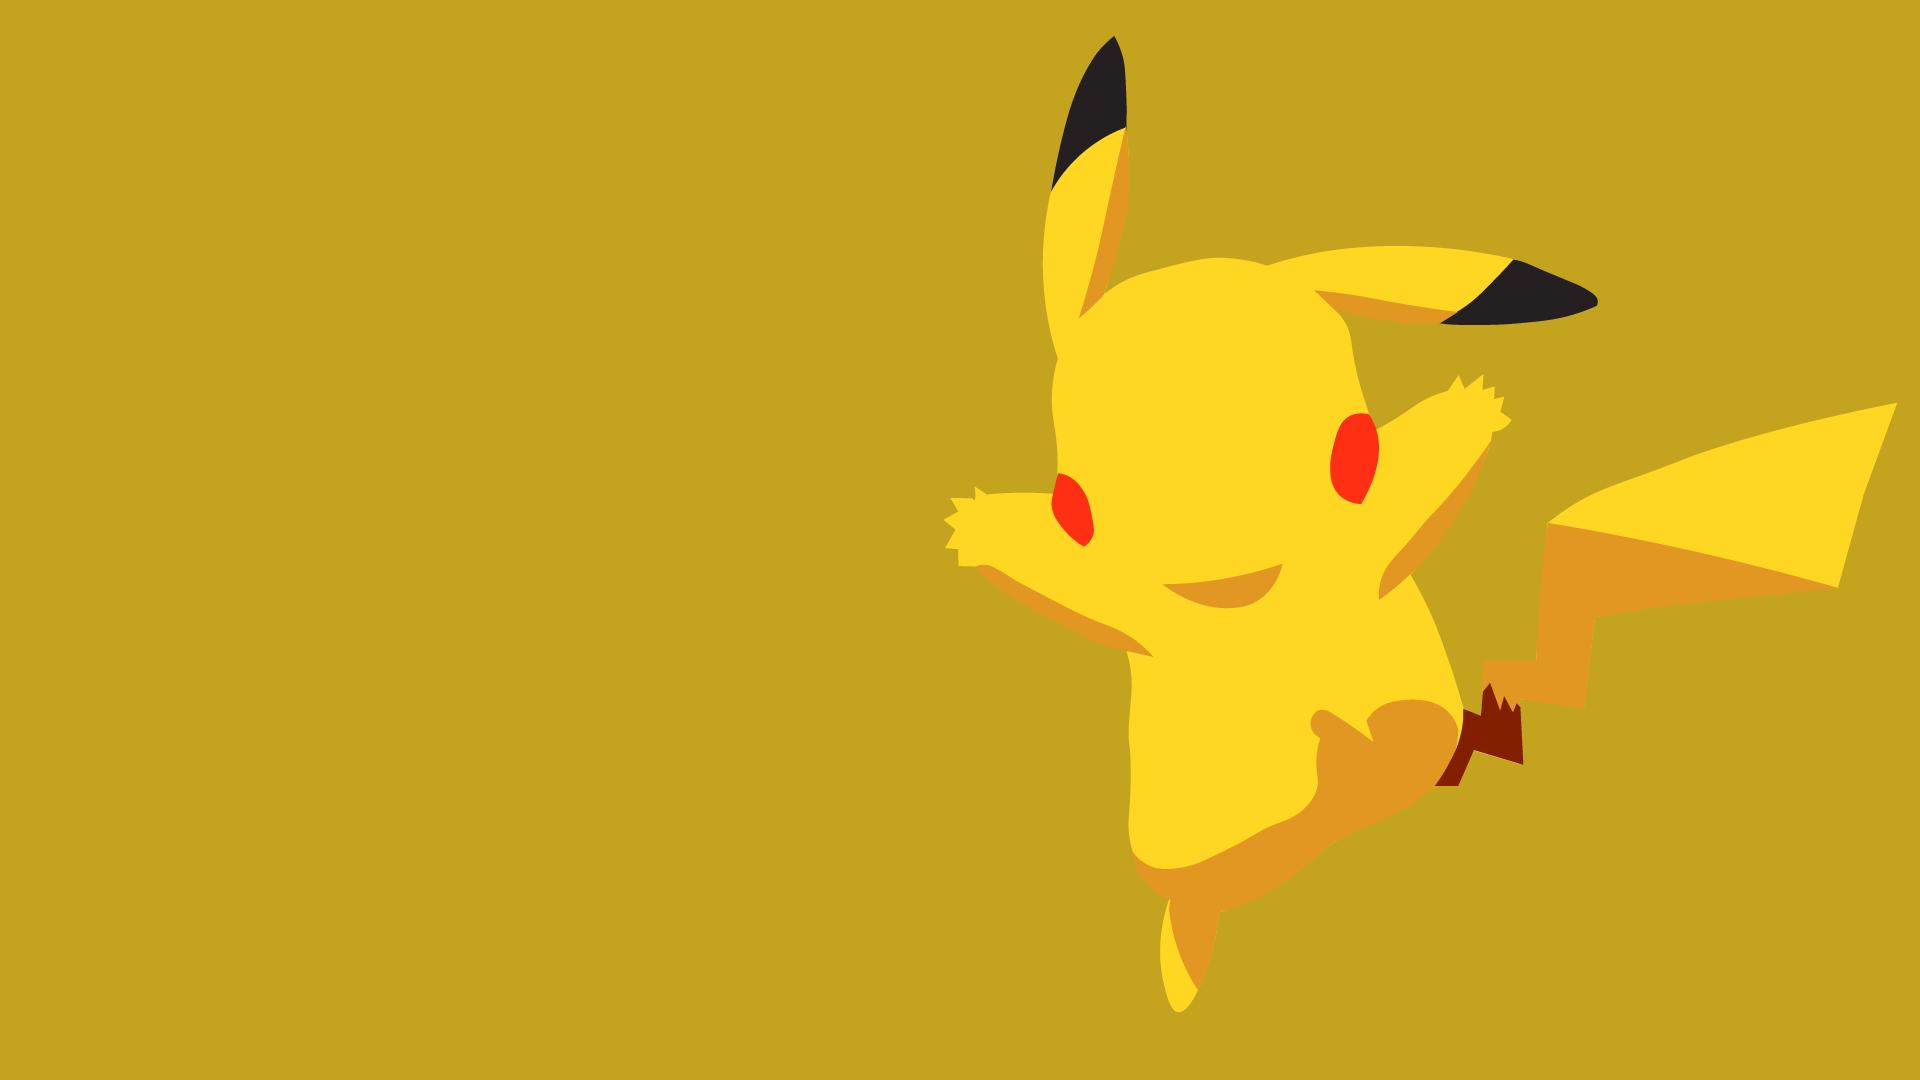 Hình nền mặt sau Pikachu